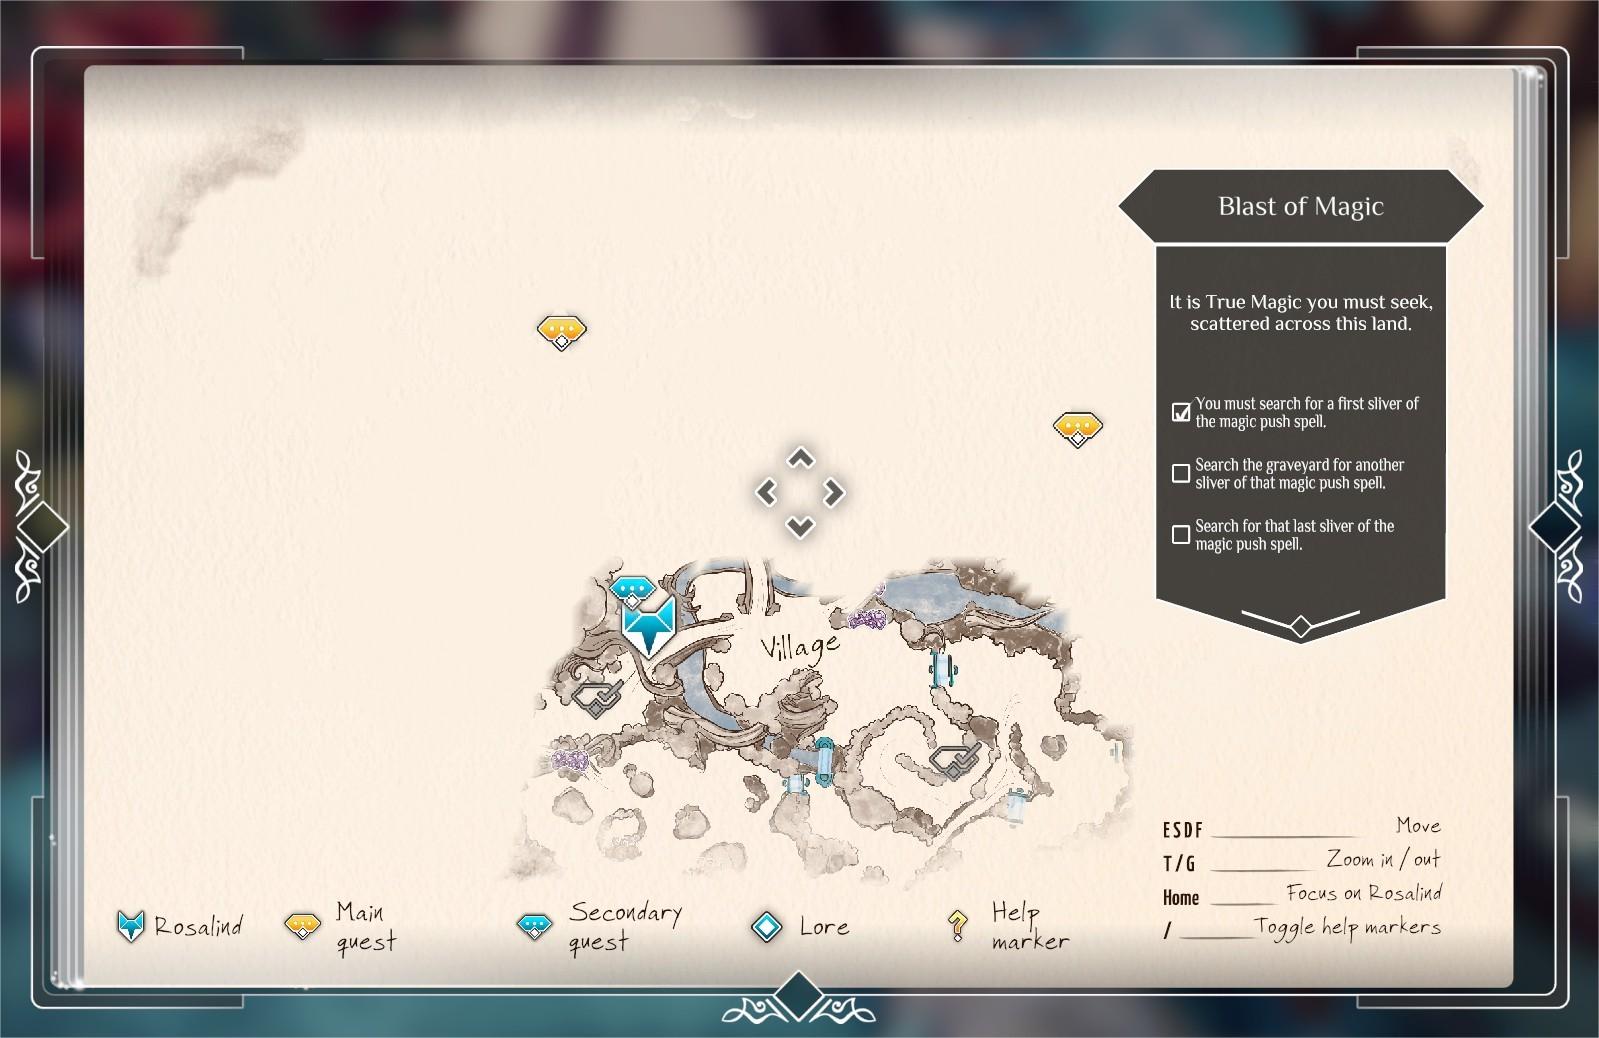 de82907cc213620e288c890689ab5c8d9a6de6b4   RPG Jeuxvidéo